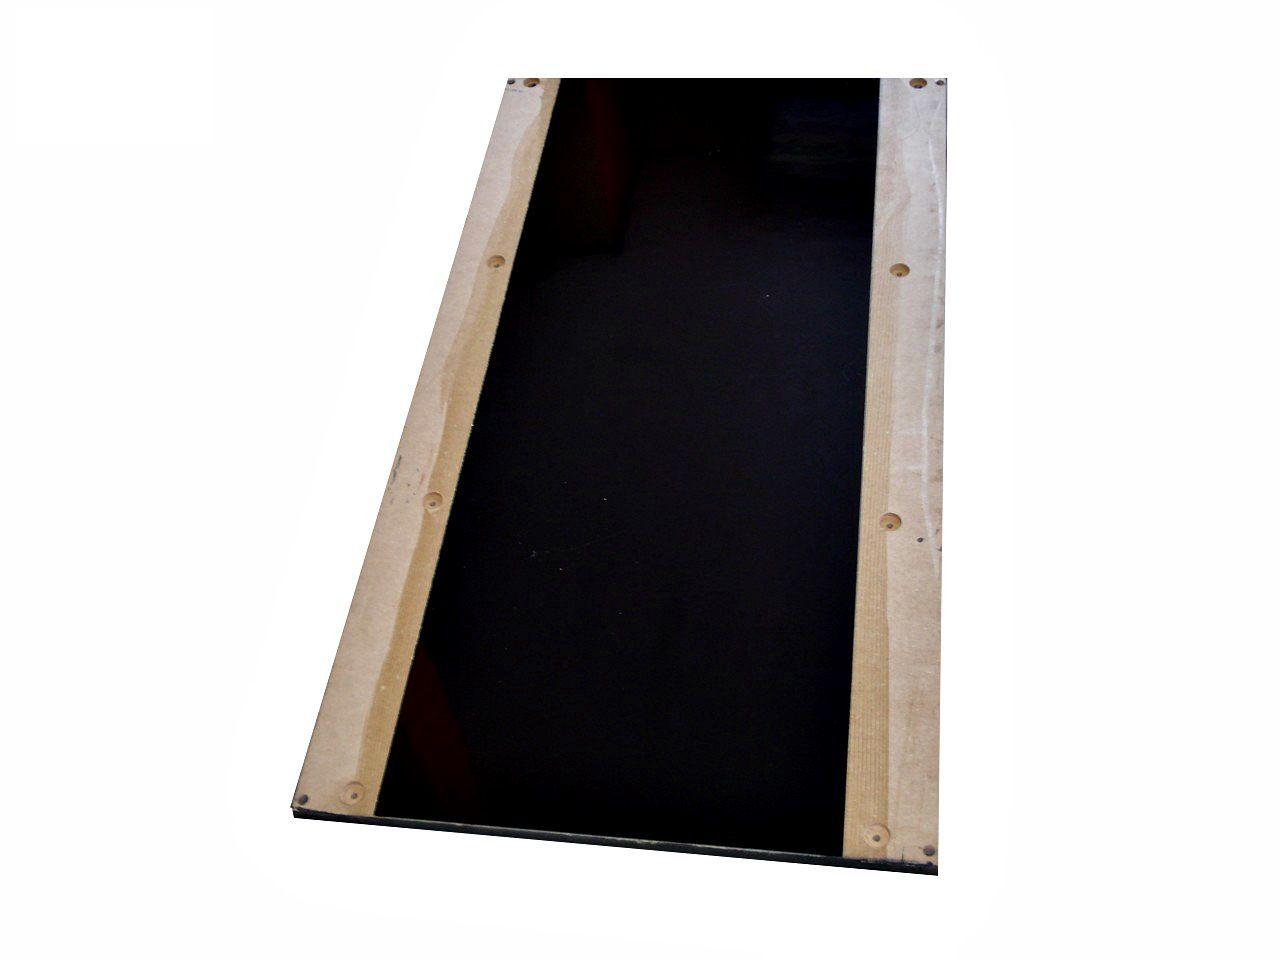 Kit Prancha Deck e Lona Esteira Movement RT 150 G1